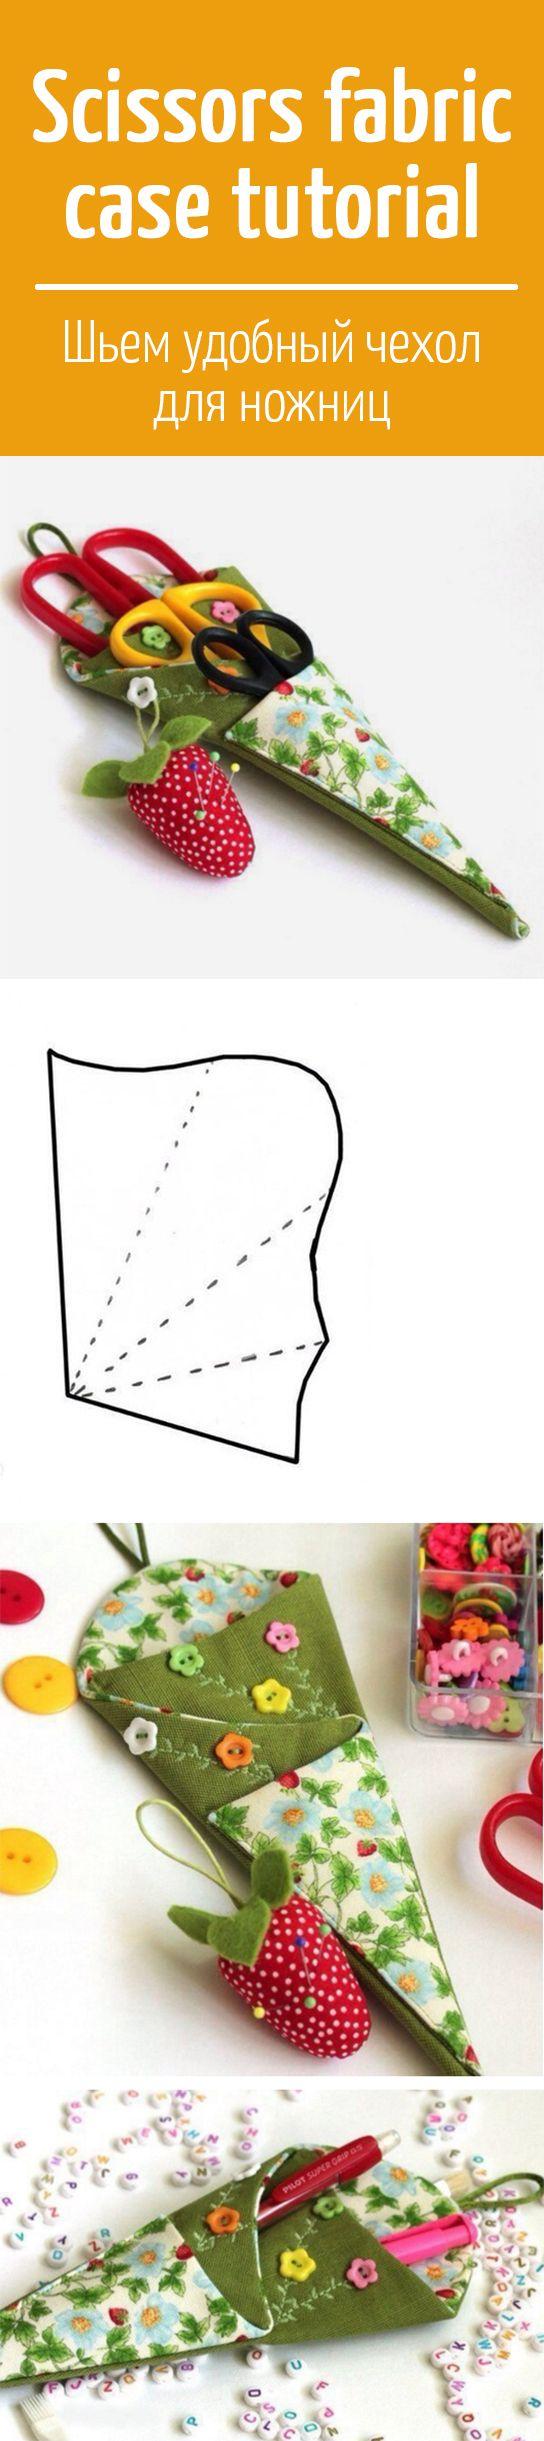 How to sew Scissors fabric case: tutorial and pattern / шьем из ткани удобный и красивый чехол для ножниц